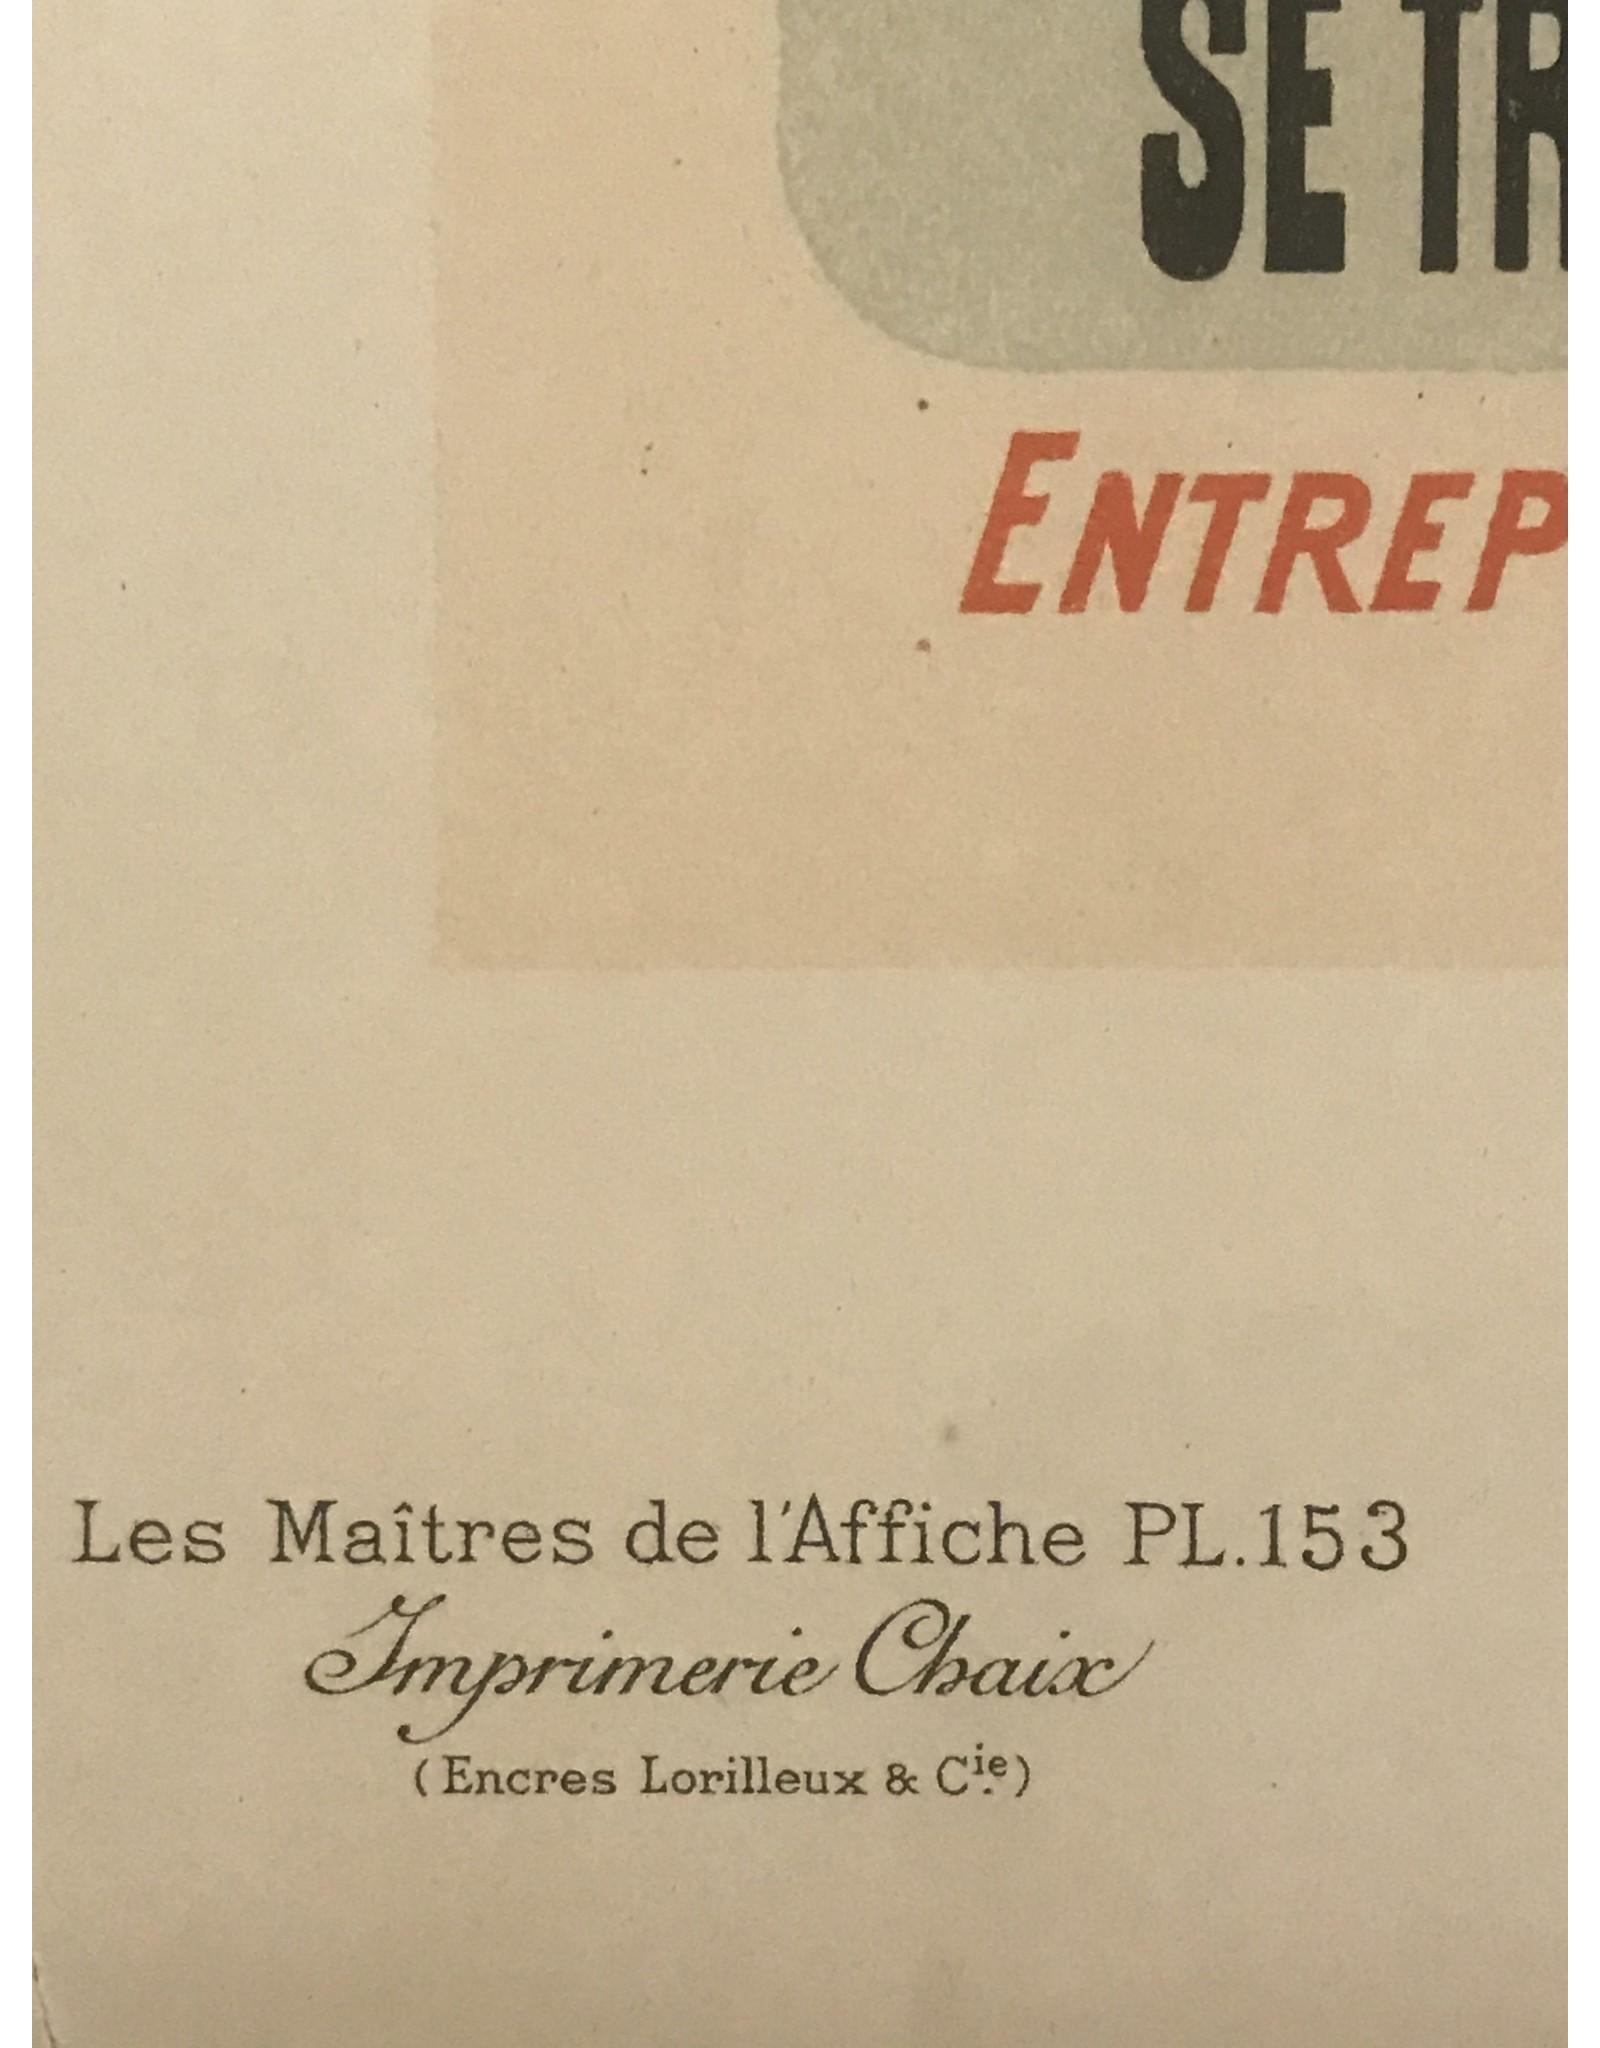 SPV Maitre de L'Affiche plate 153, Eau des Sirènes